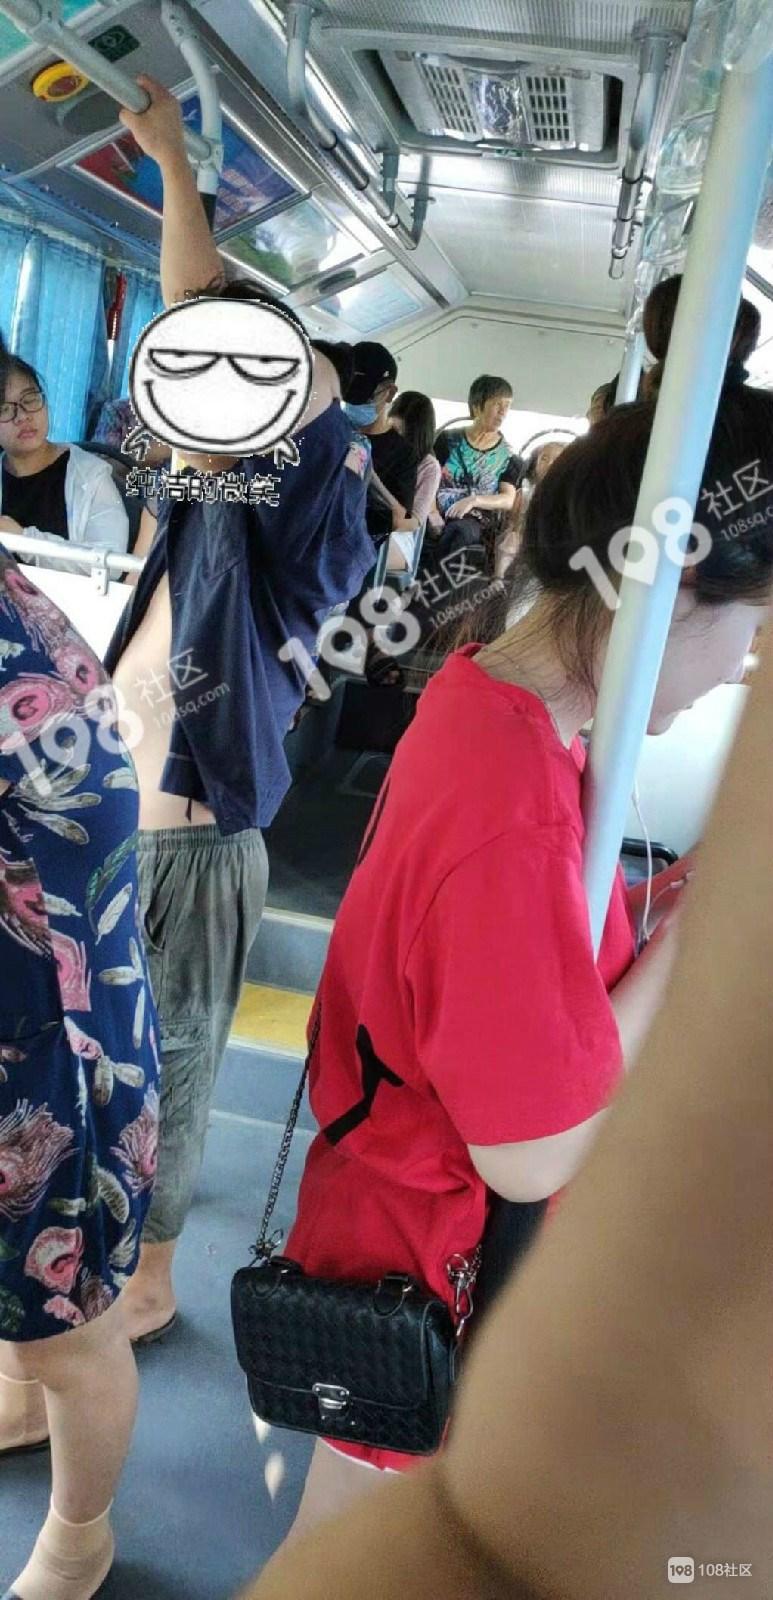 661公交车有个变态狂!衣服解开半裸,还往姑娘身上...